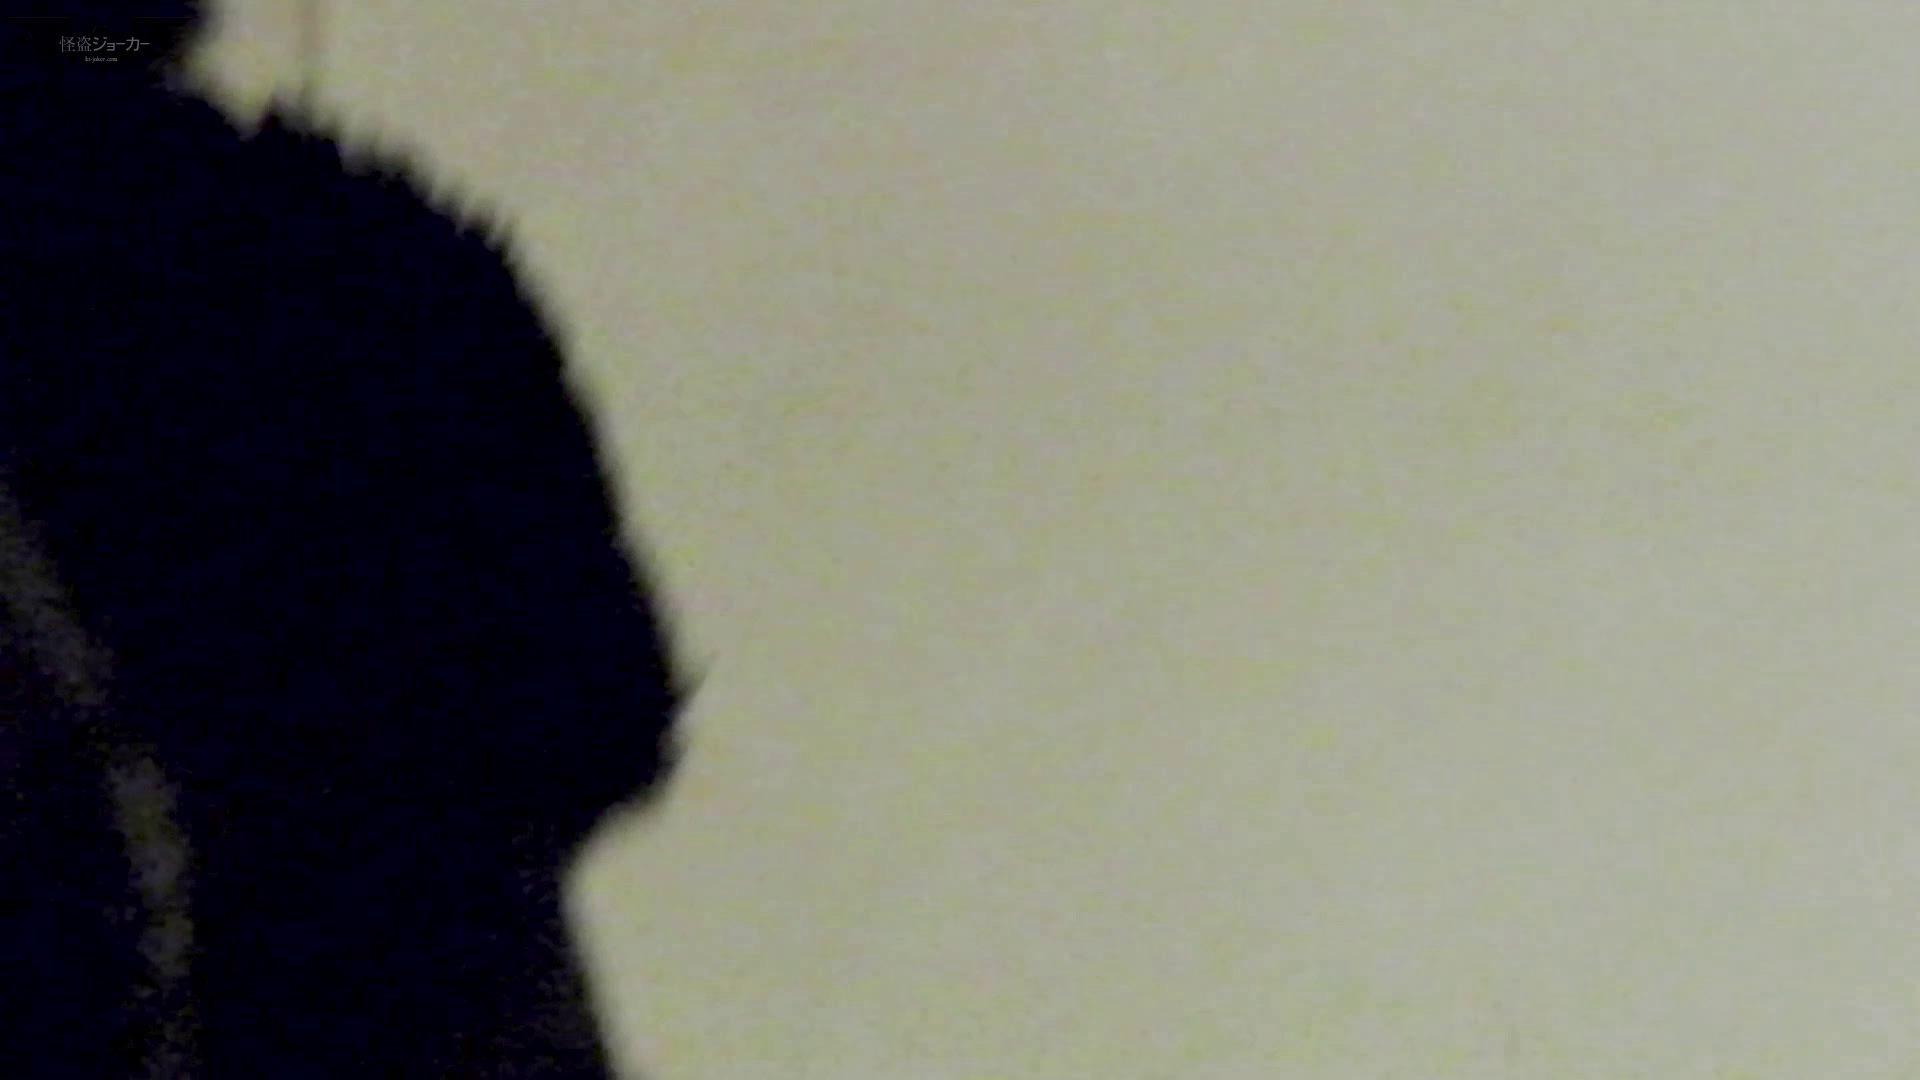 新世界の射窓 No64日本ギャル登場か?ハイヒール大特集! 洗面所 | 丸見え  86画像 79